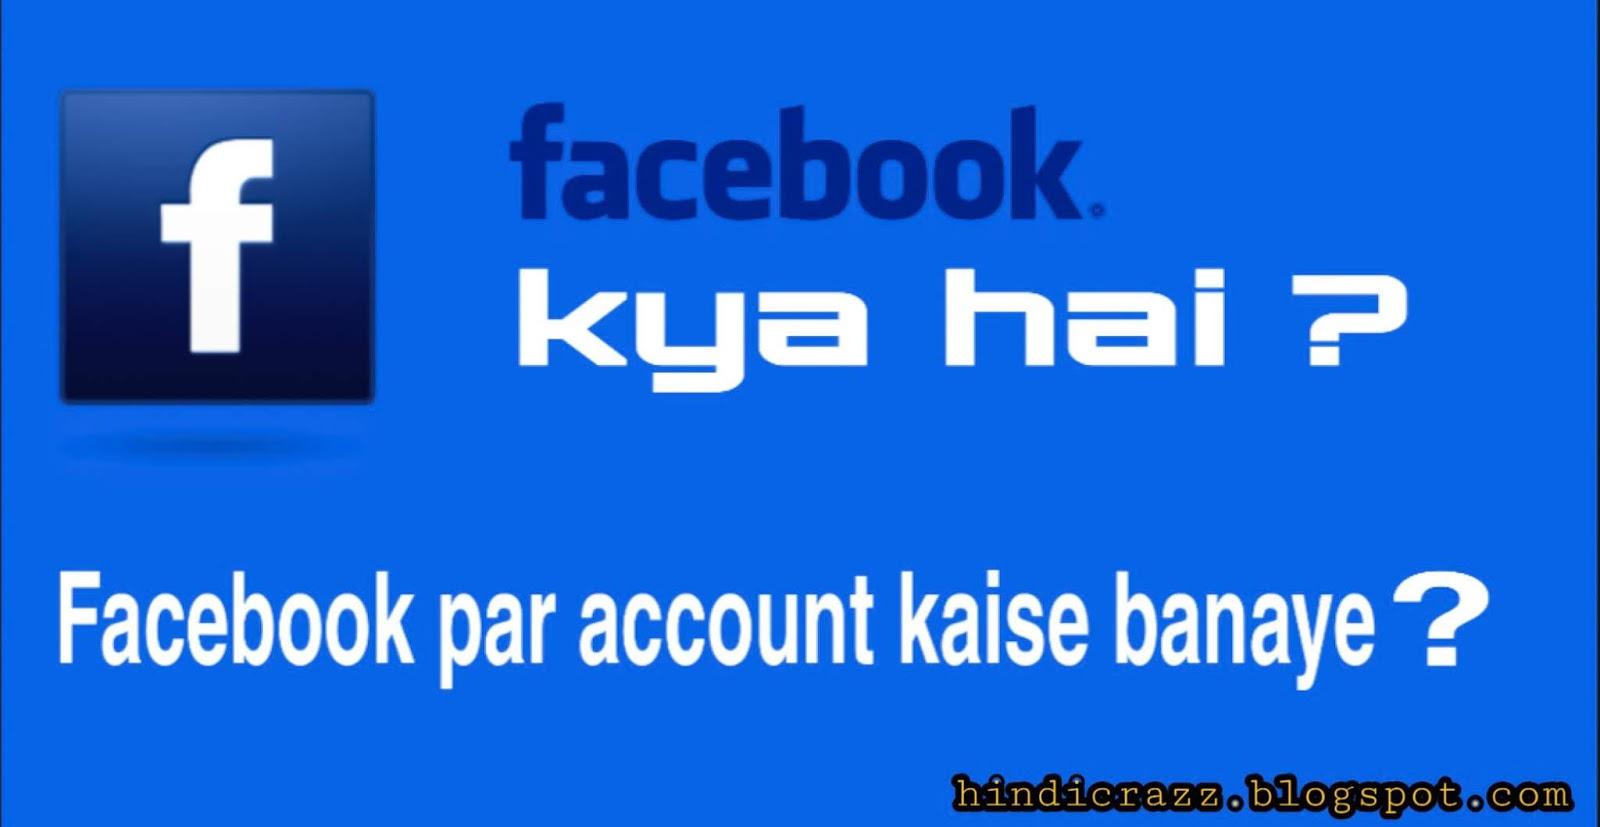 Facebook par account kaise banaye